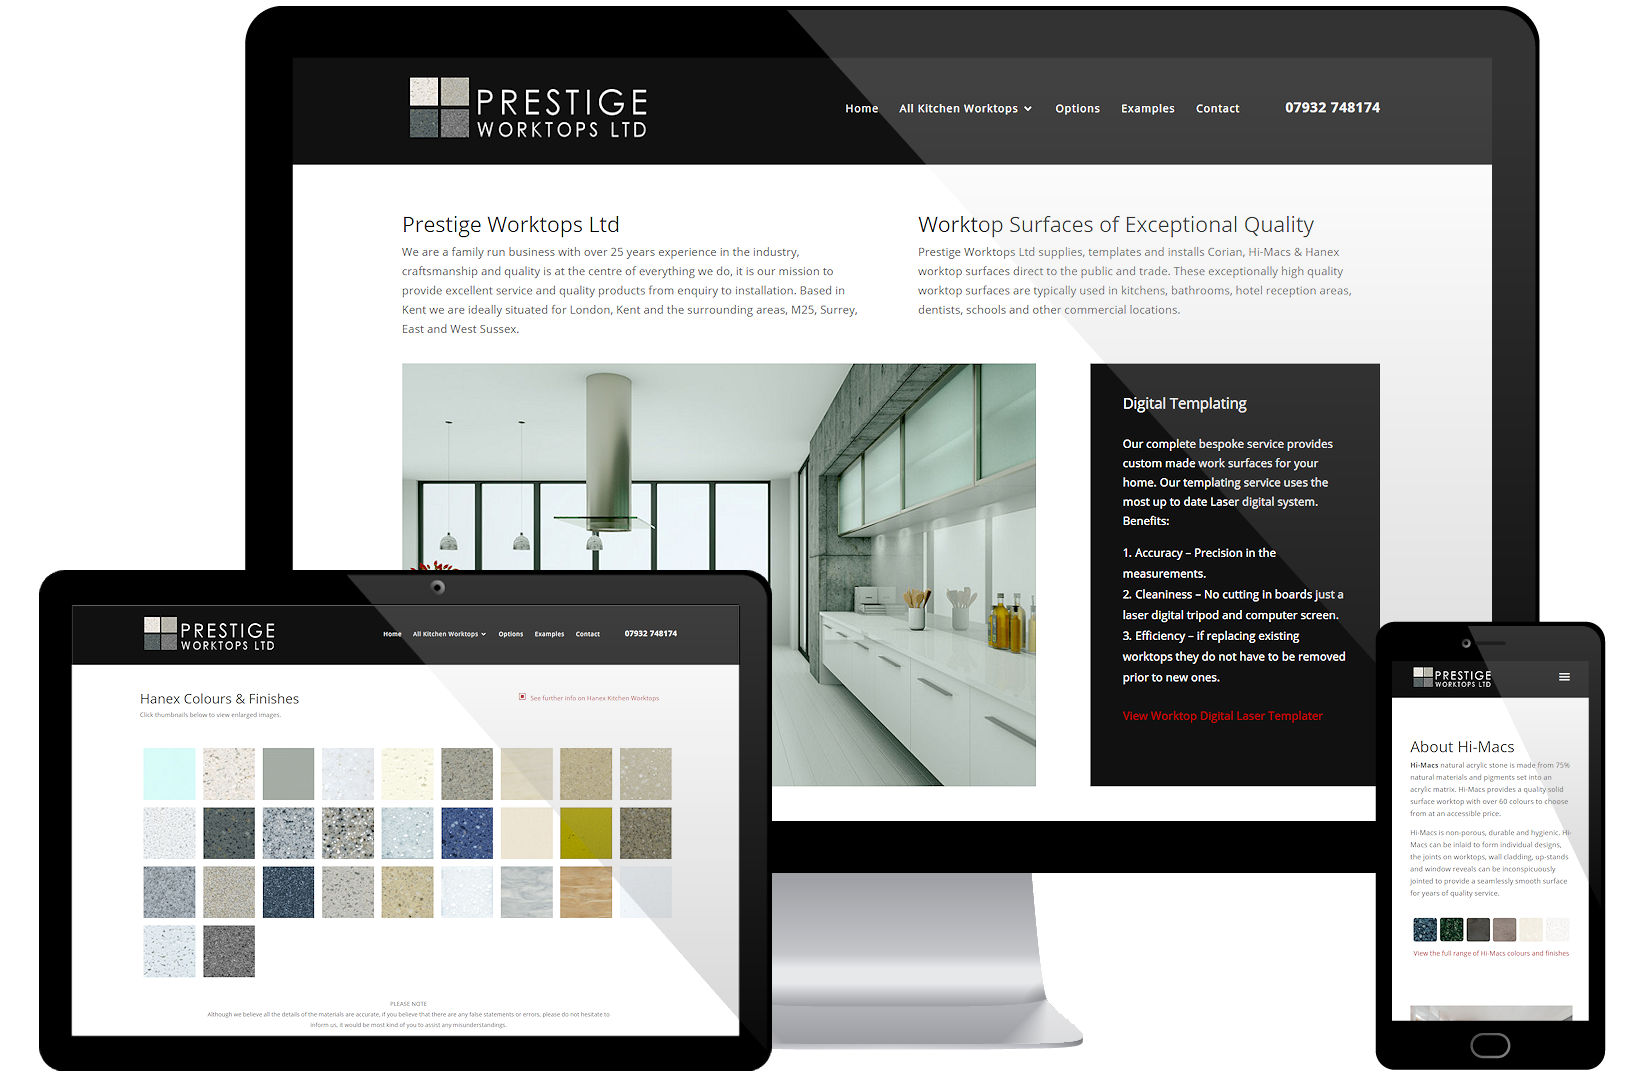 Website Screenshot - Prestige Worktops Ltd